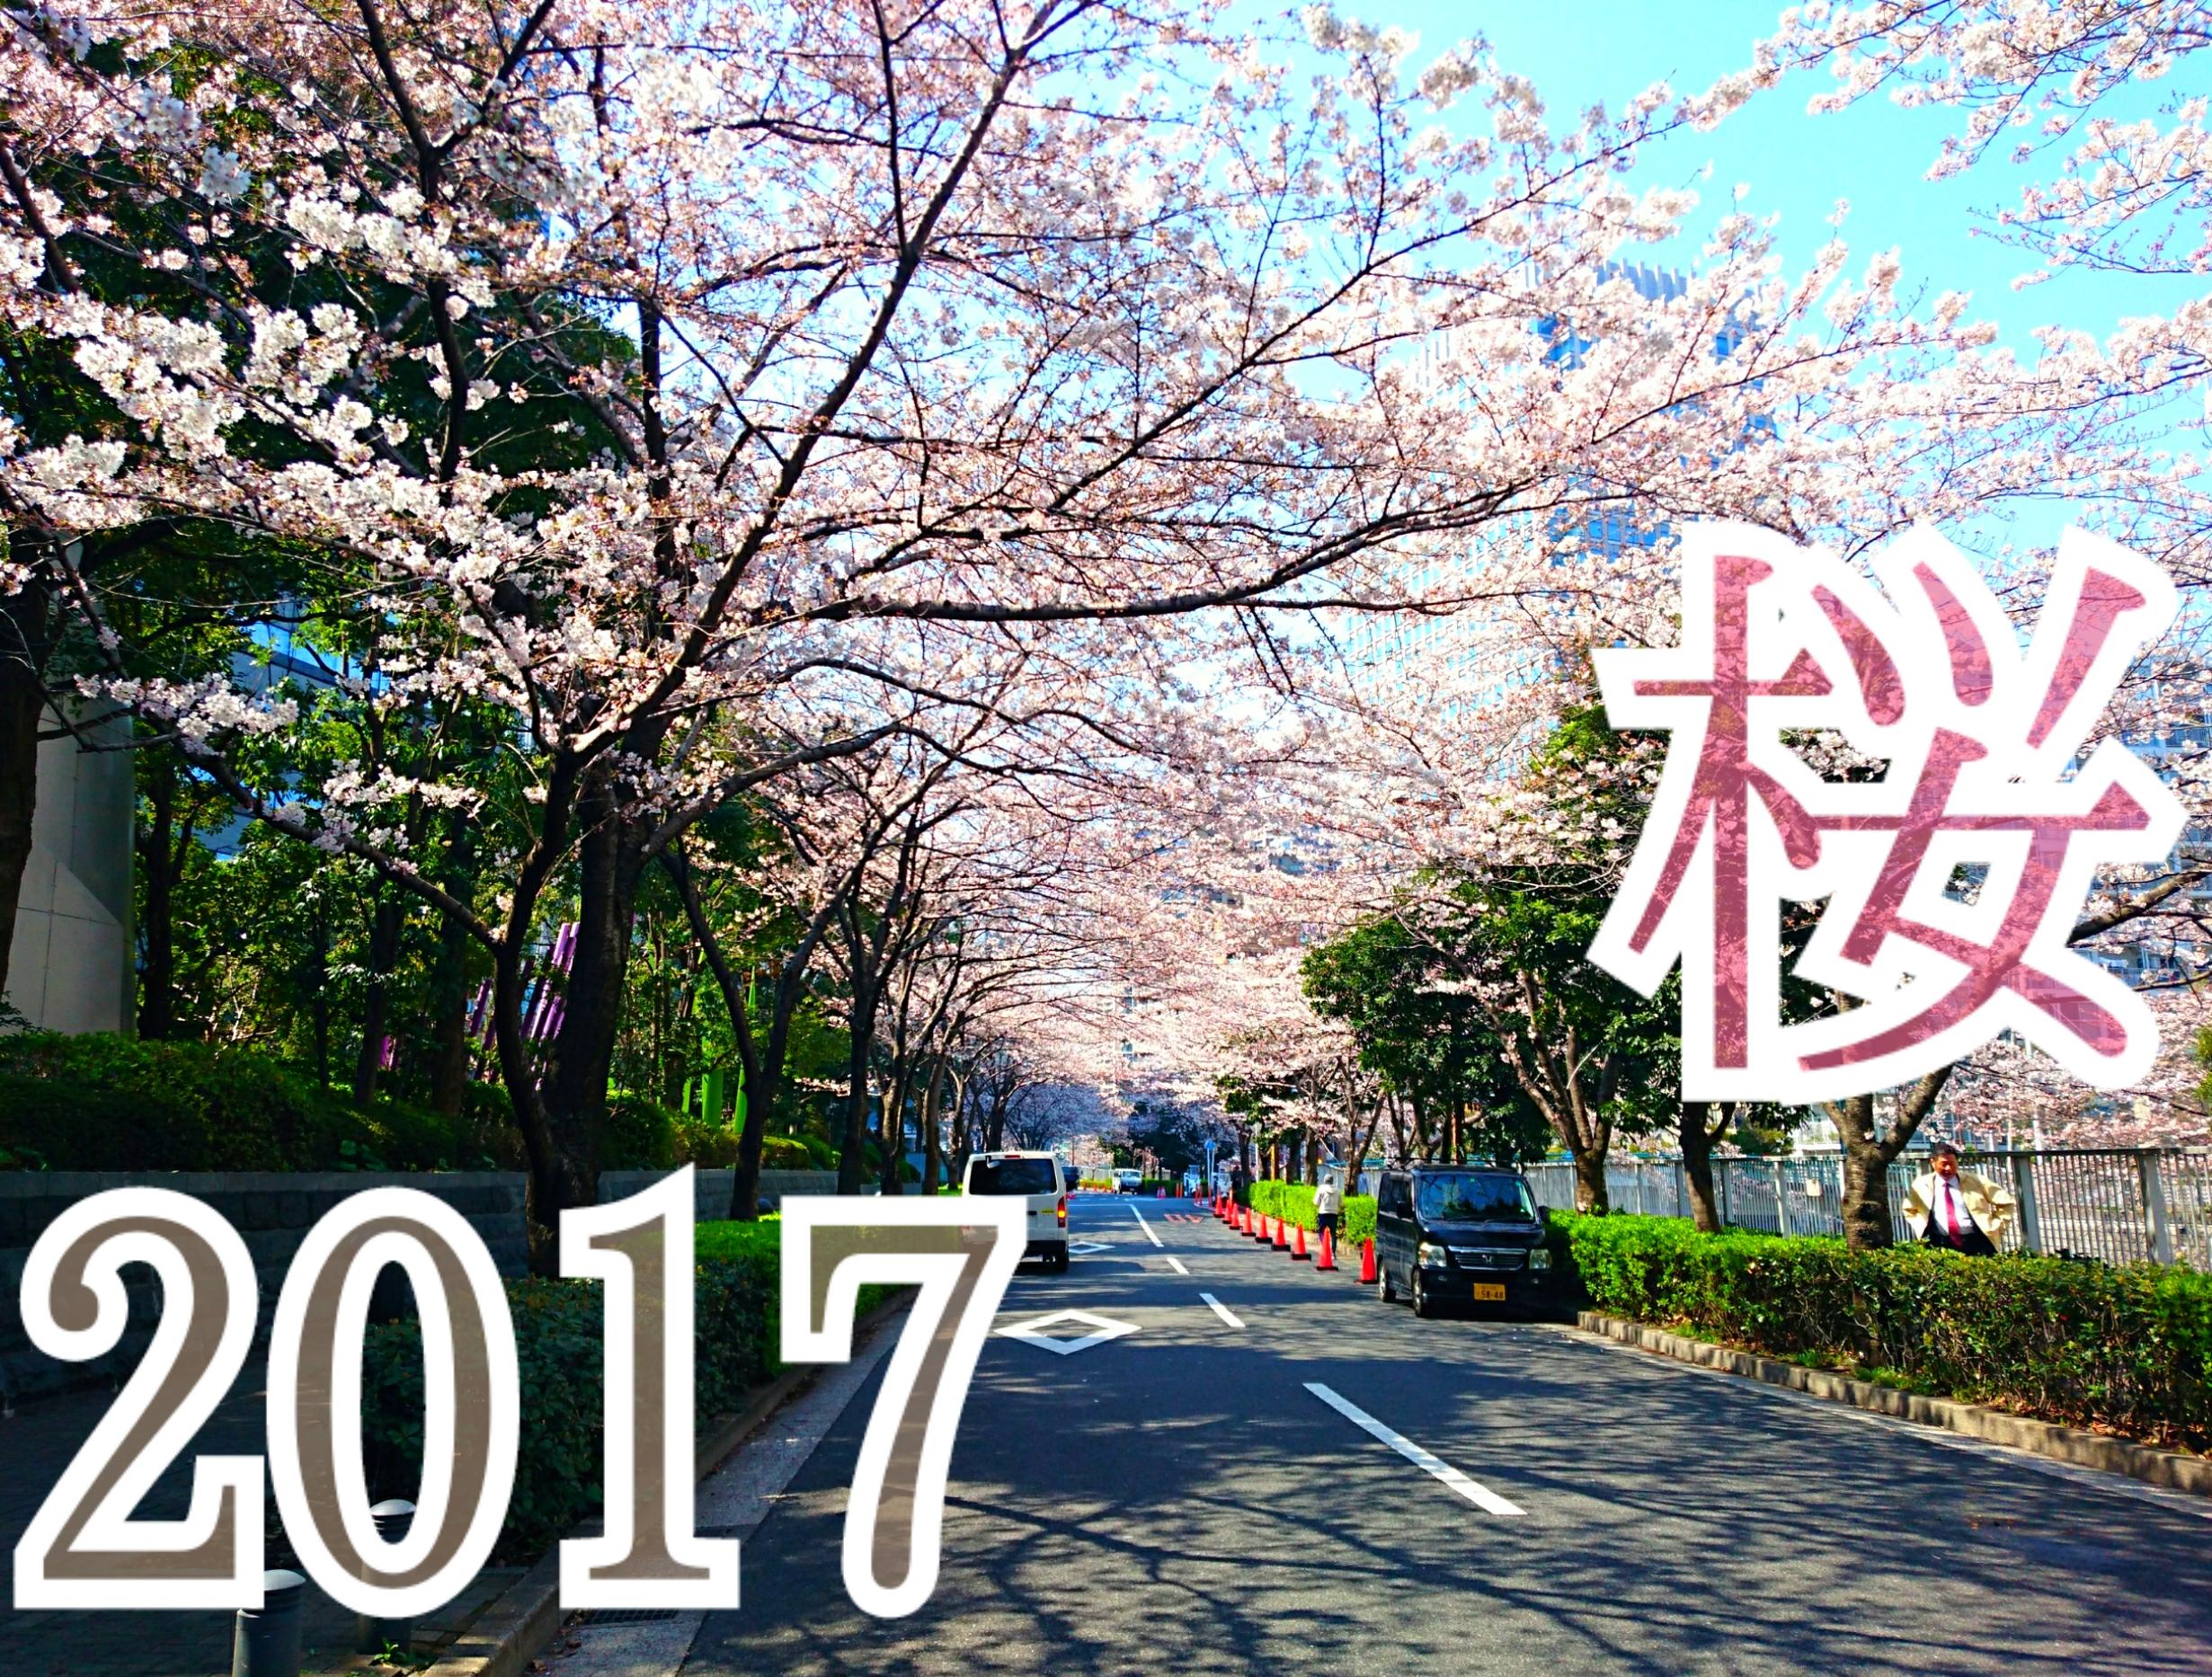 東京さくらだより♥品川なう(bySonokoちゃん)